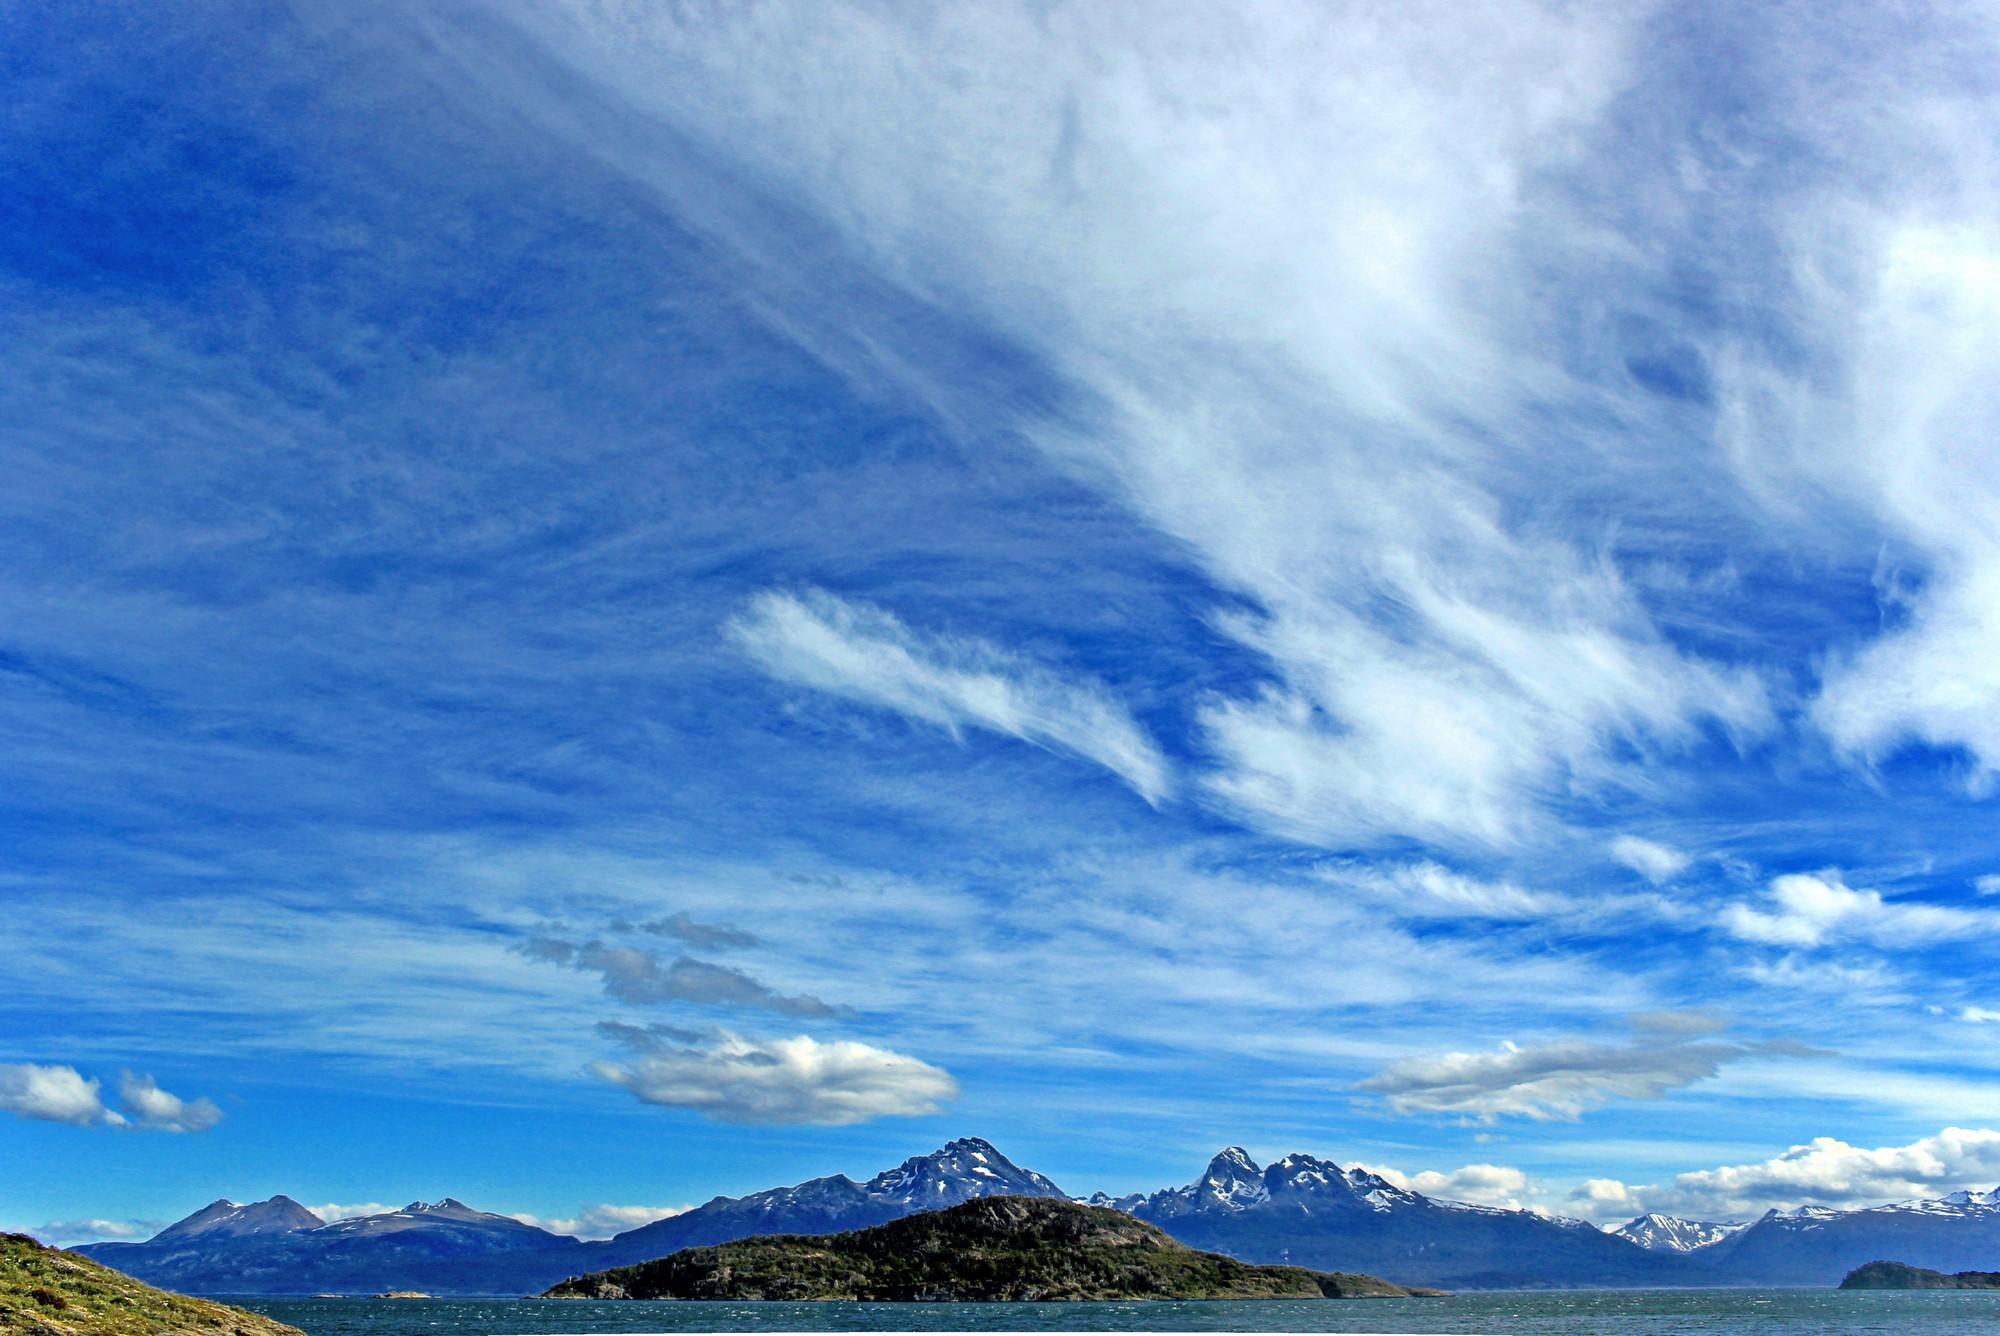 Tierra-del-Fuego-Bahia-Ensenada-Matias-2k